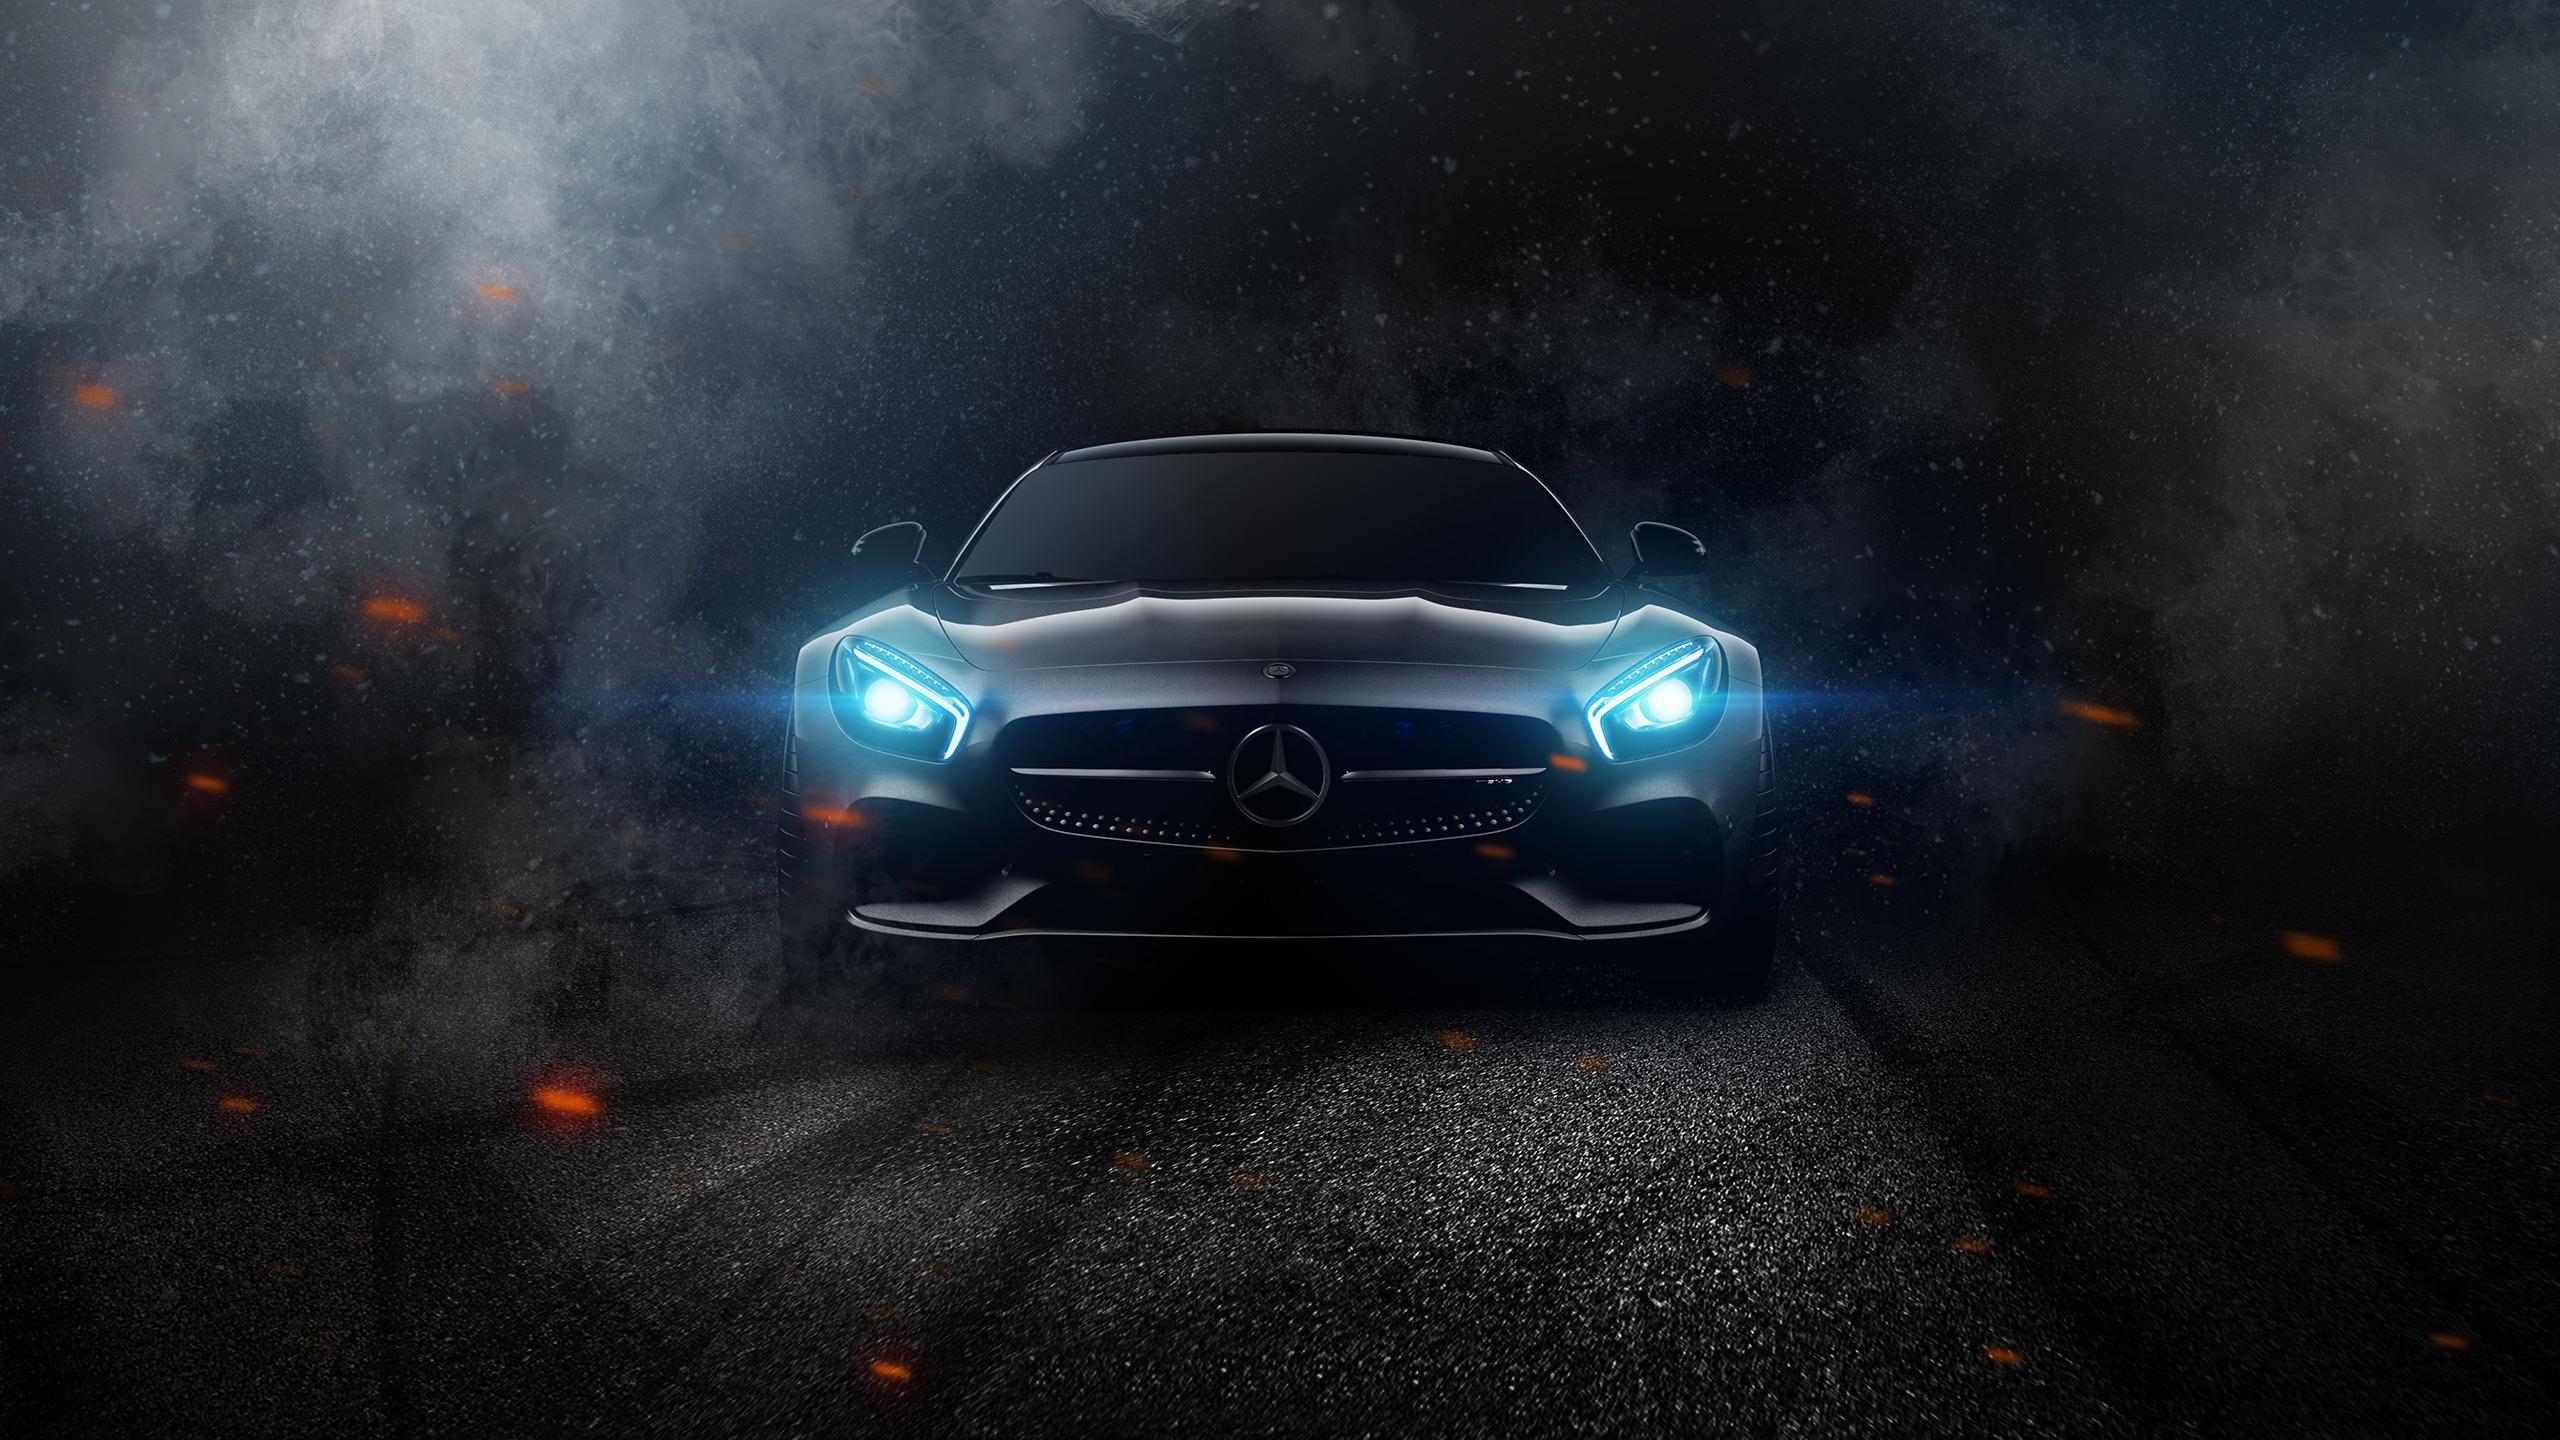 Oppo 3d Wallpaper Mercedes Benz Wallpaper 53 2560x1440